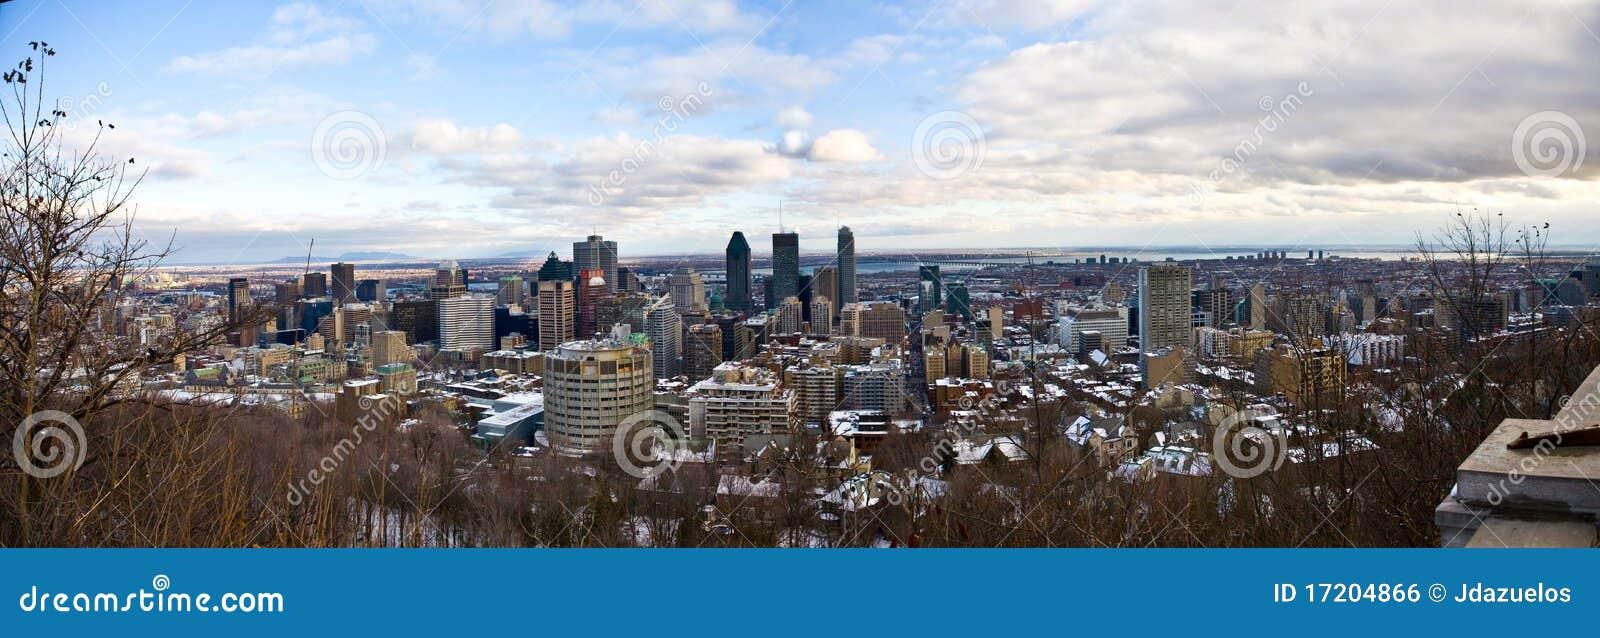 Vista panorámica de Montreal céntrica